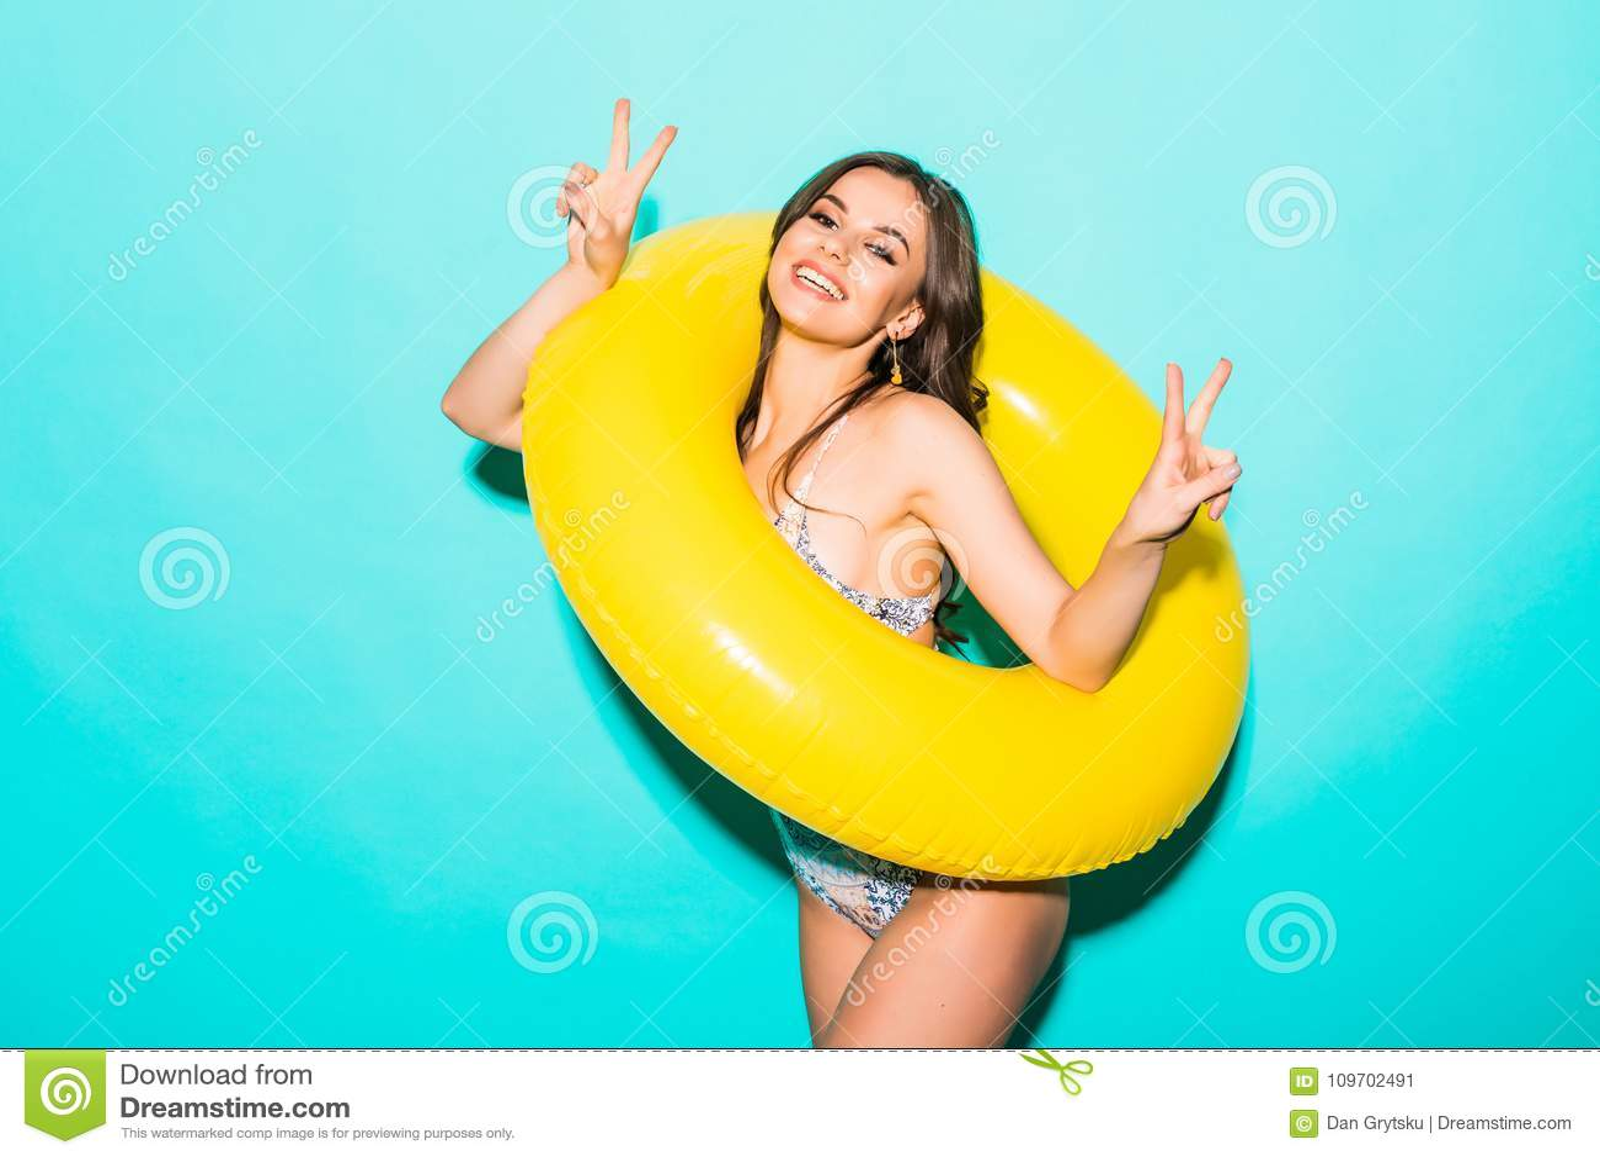 La giovane donna in costume da bagno con un anello gonfiabile e la mano che mostra la vittoria gesture sopra fondo blu